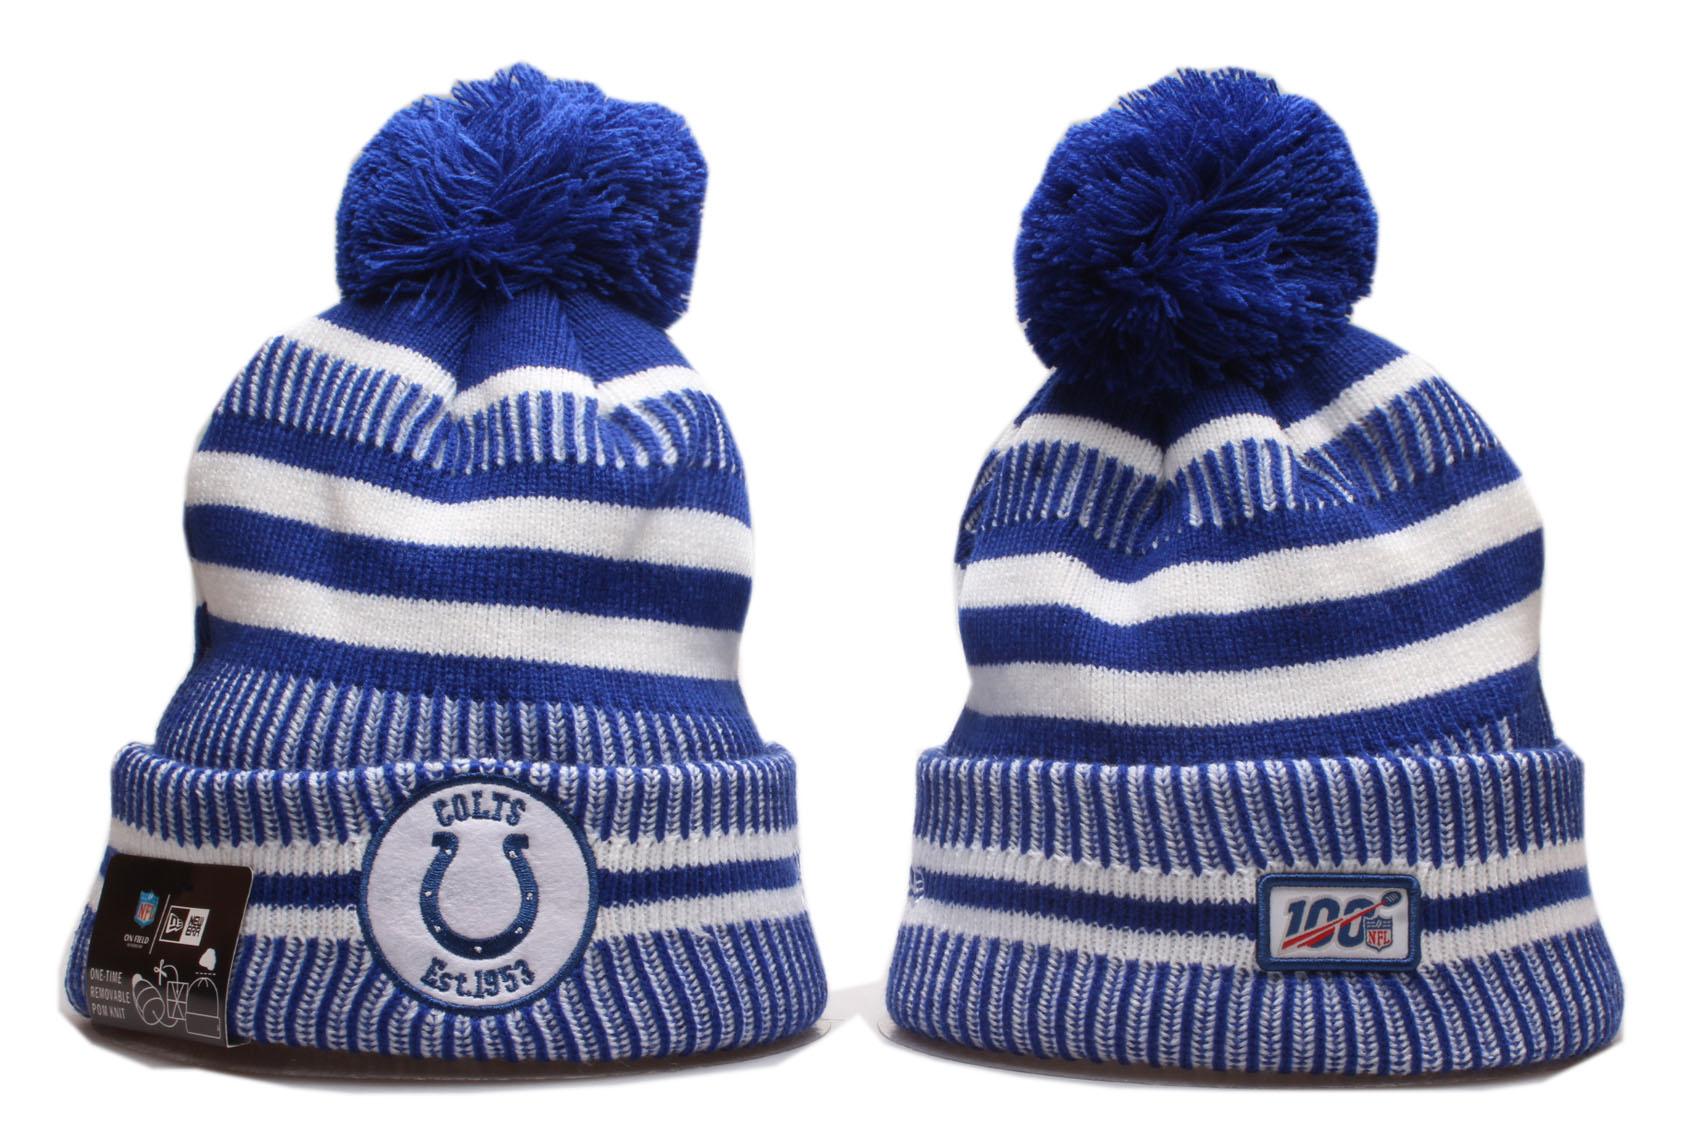 Colts Fresh Logo Blue 100th Season Cuffed Pom Knit Hat YP